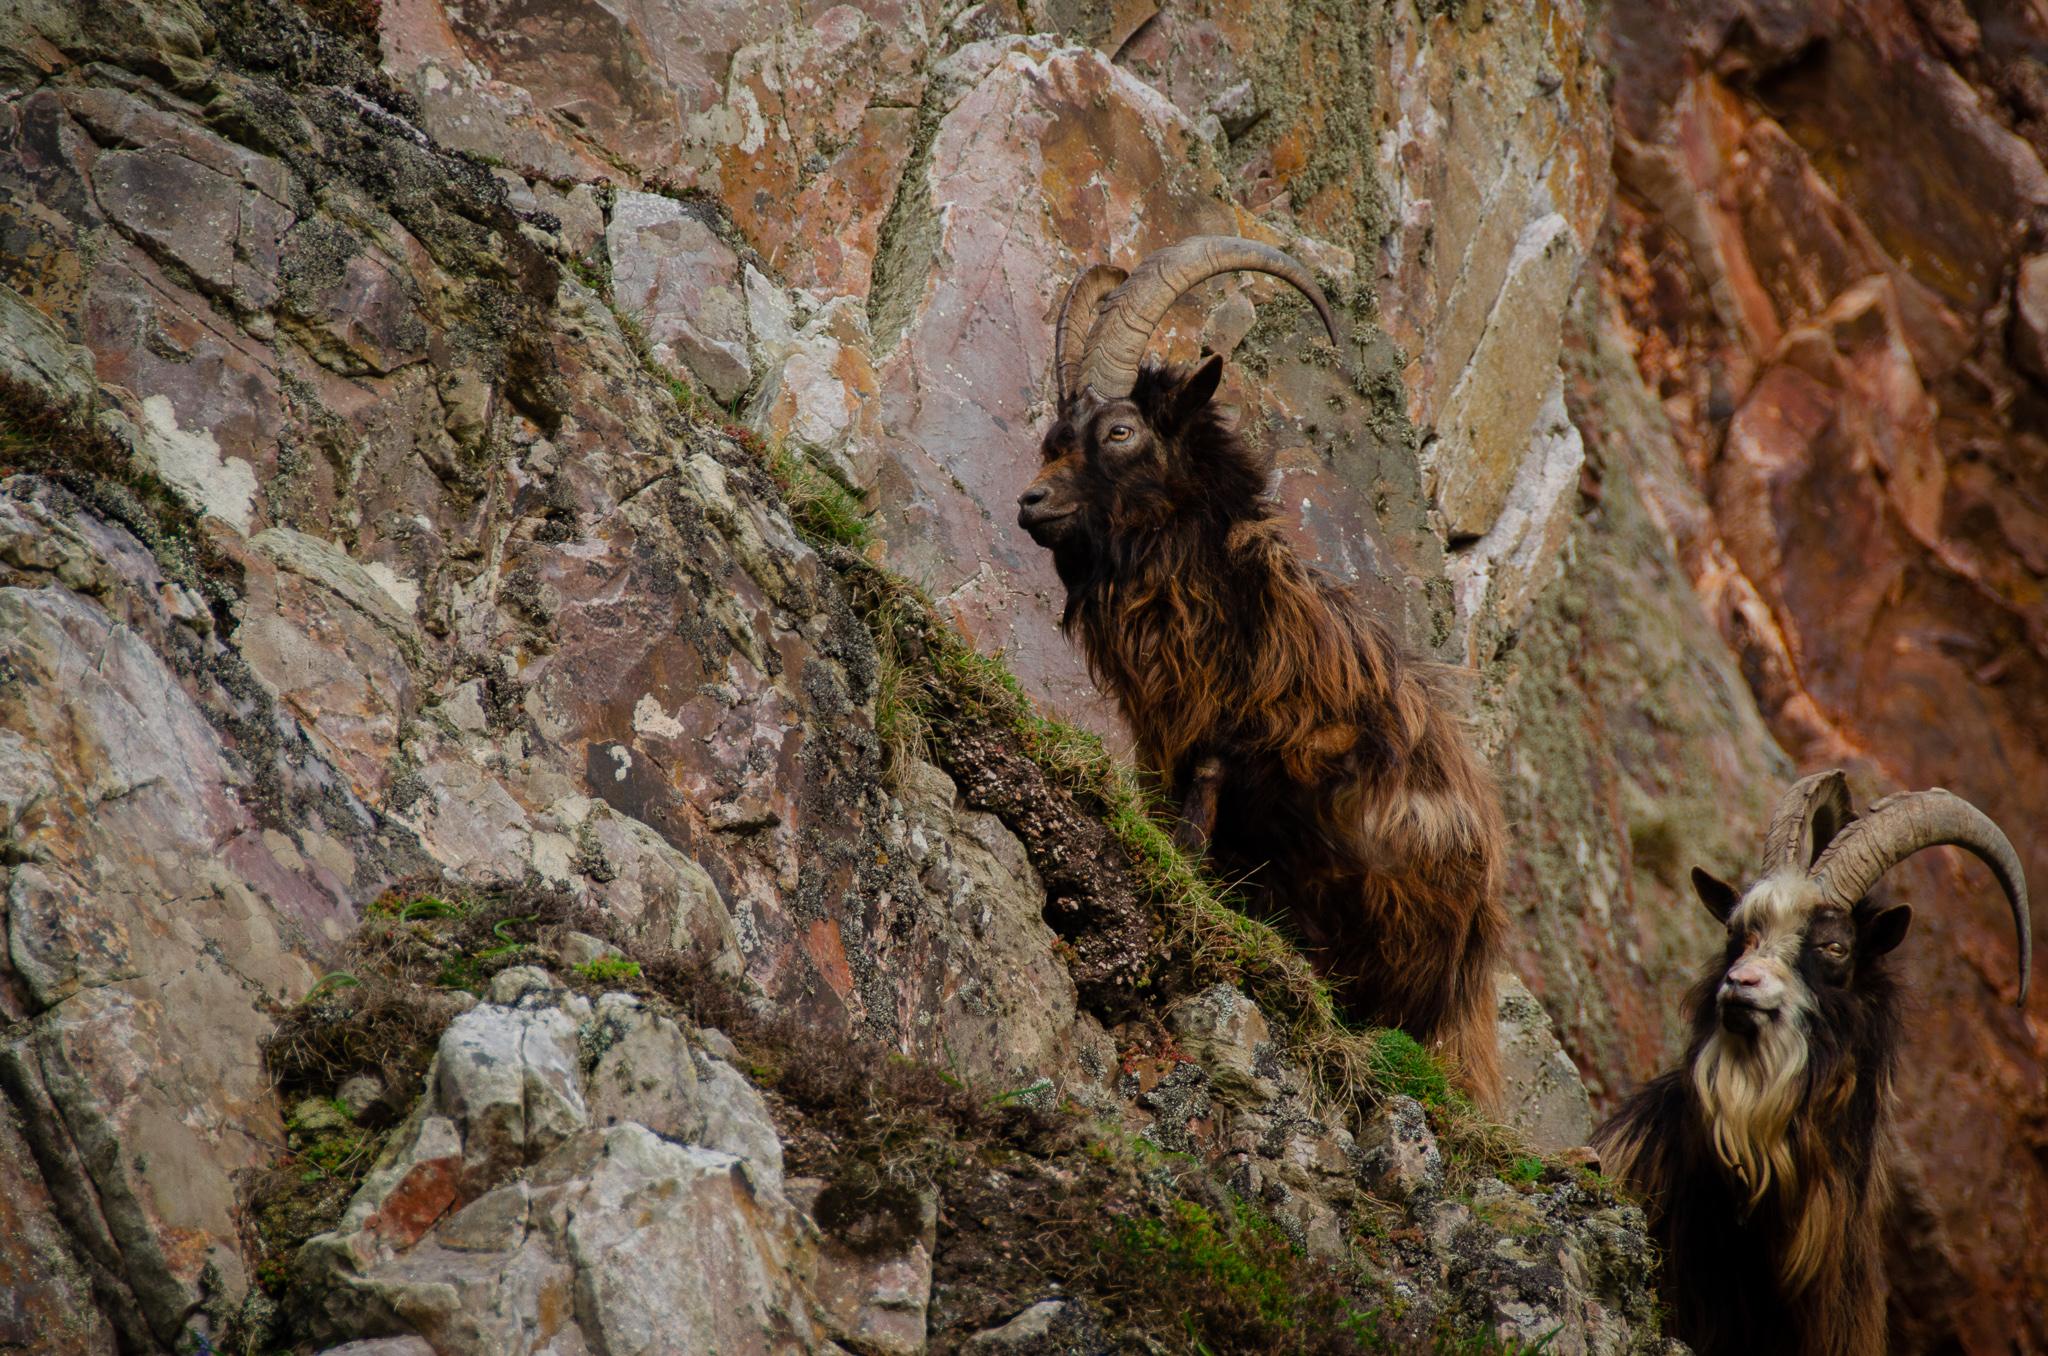 Oa, Oa peninsula, nature reserve, Islay, Oa Islay, goats